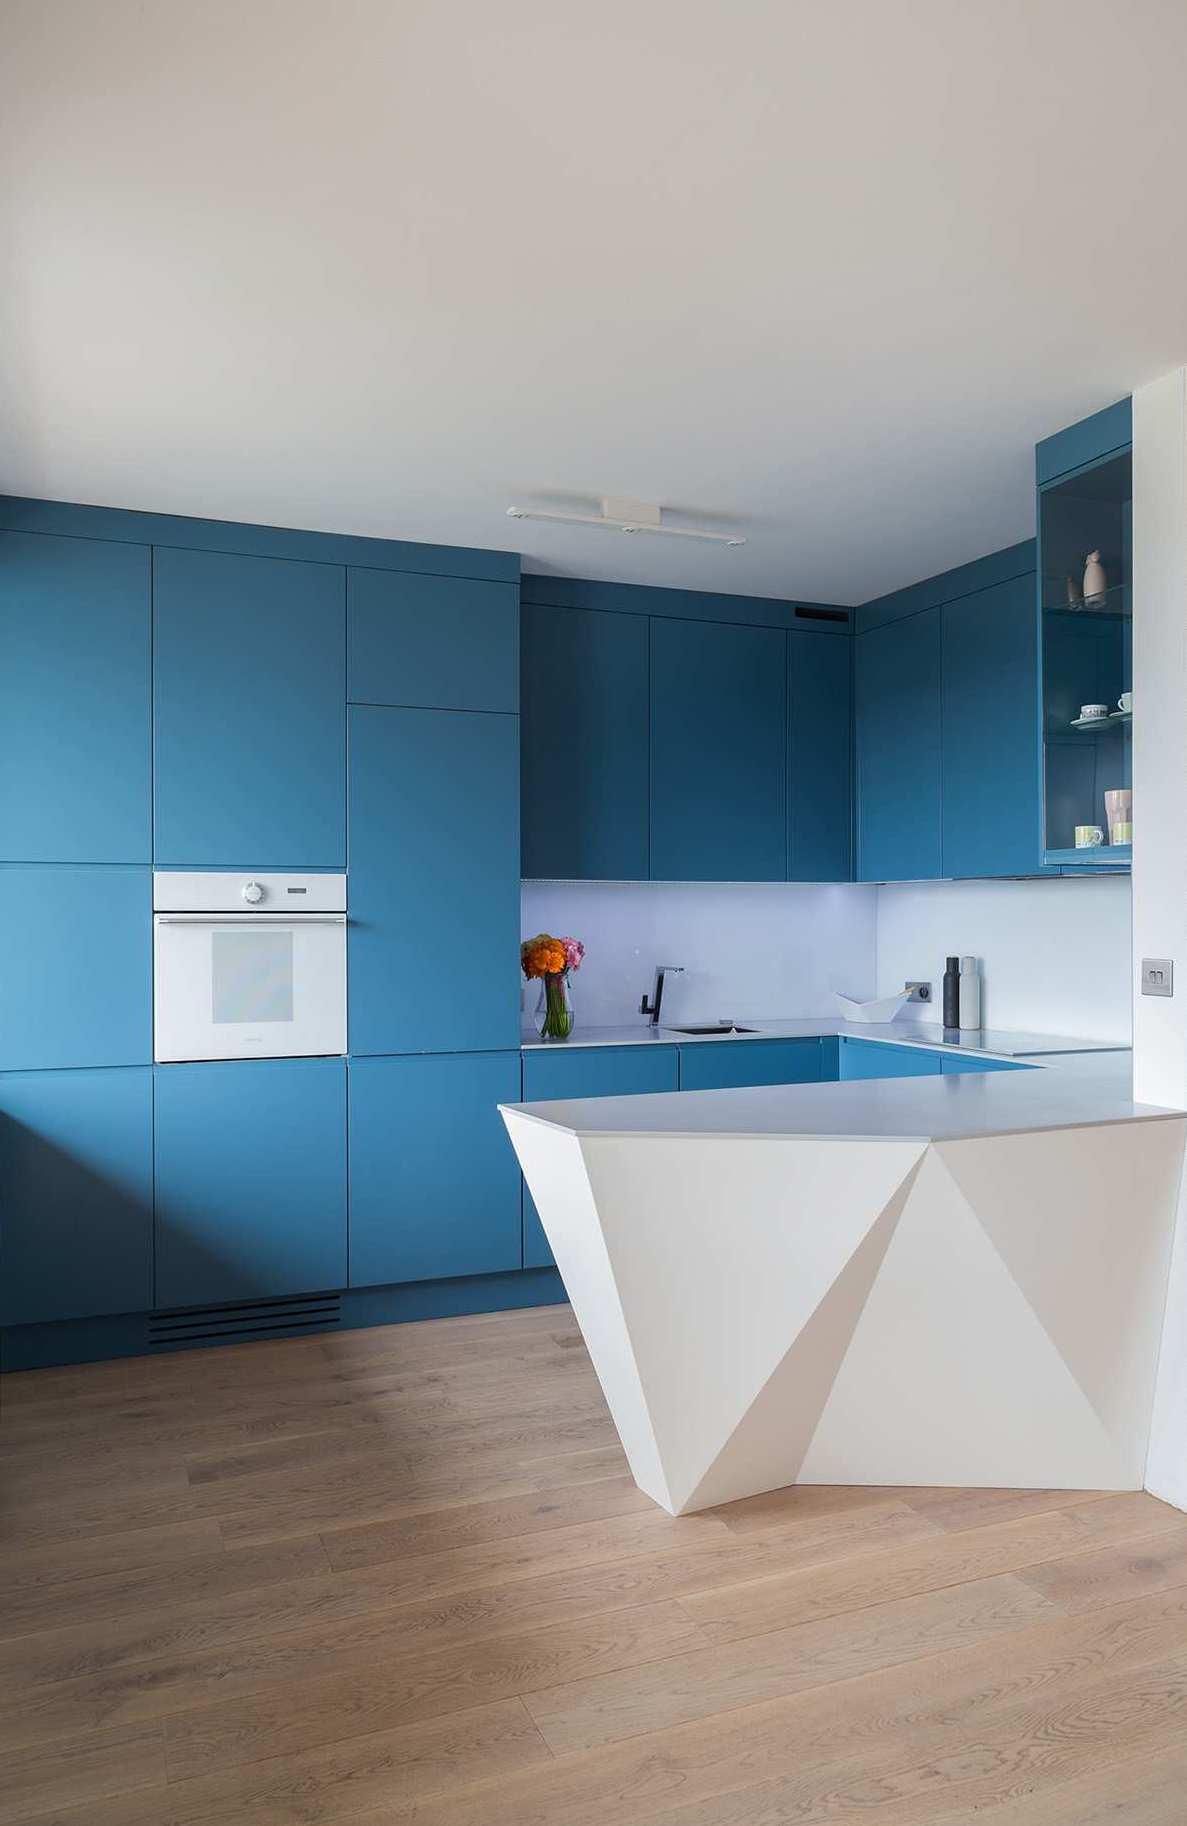 Удобная и практичная барная стойка может с успехом заменить кухонный стол, освобождая тем самым дополнительное пространство